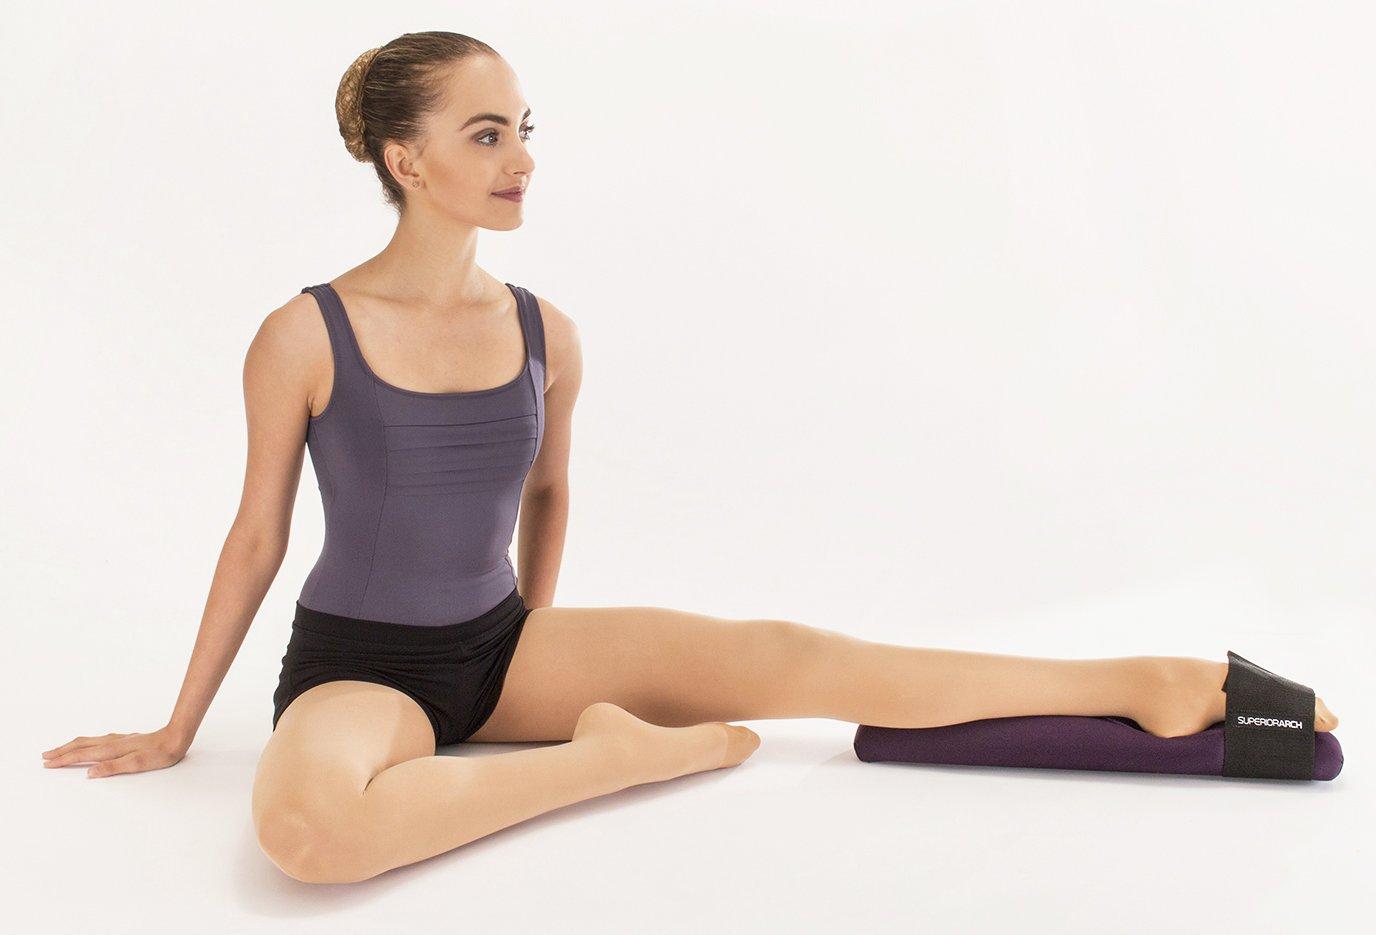 Superior Arch Fuß Keilrahmen für Ballett und Gymnastik SA-Black